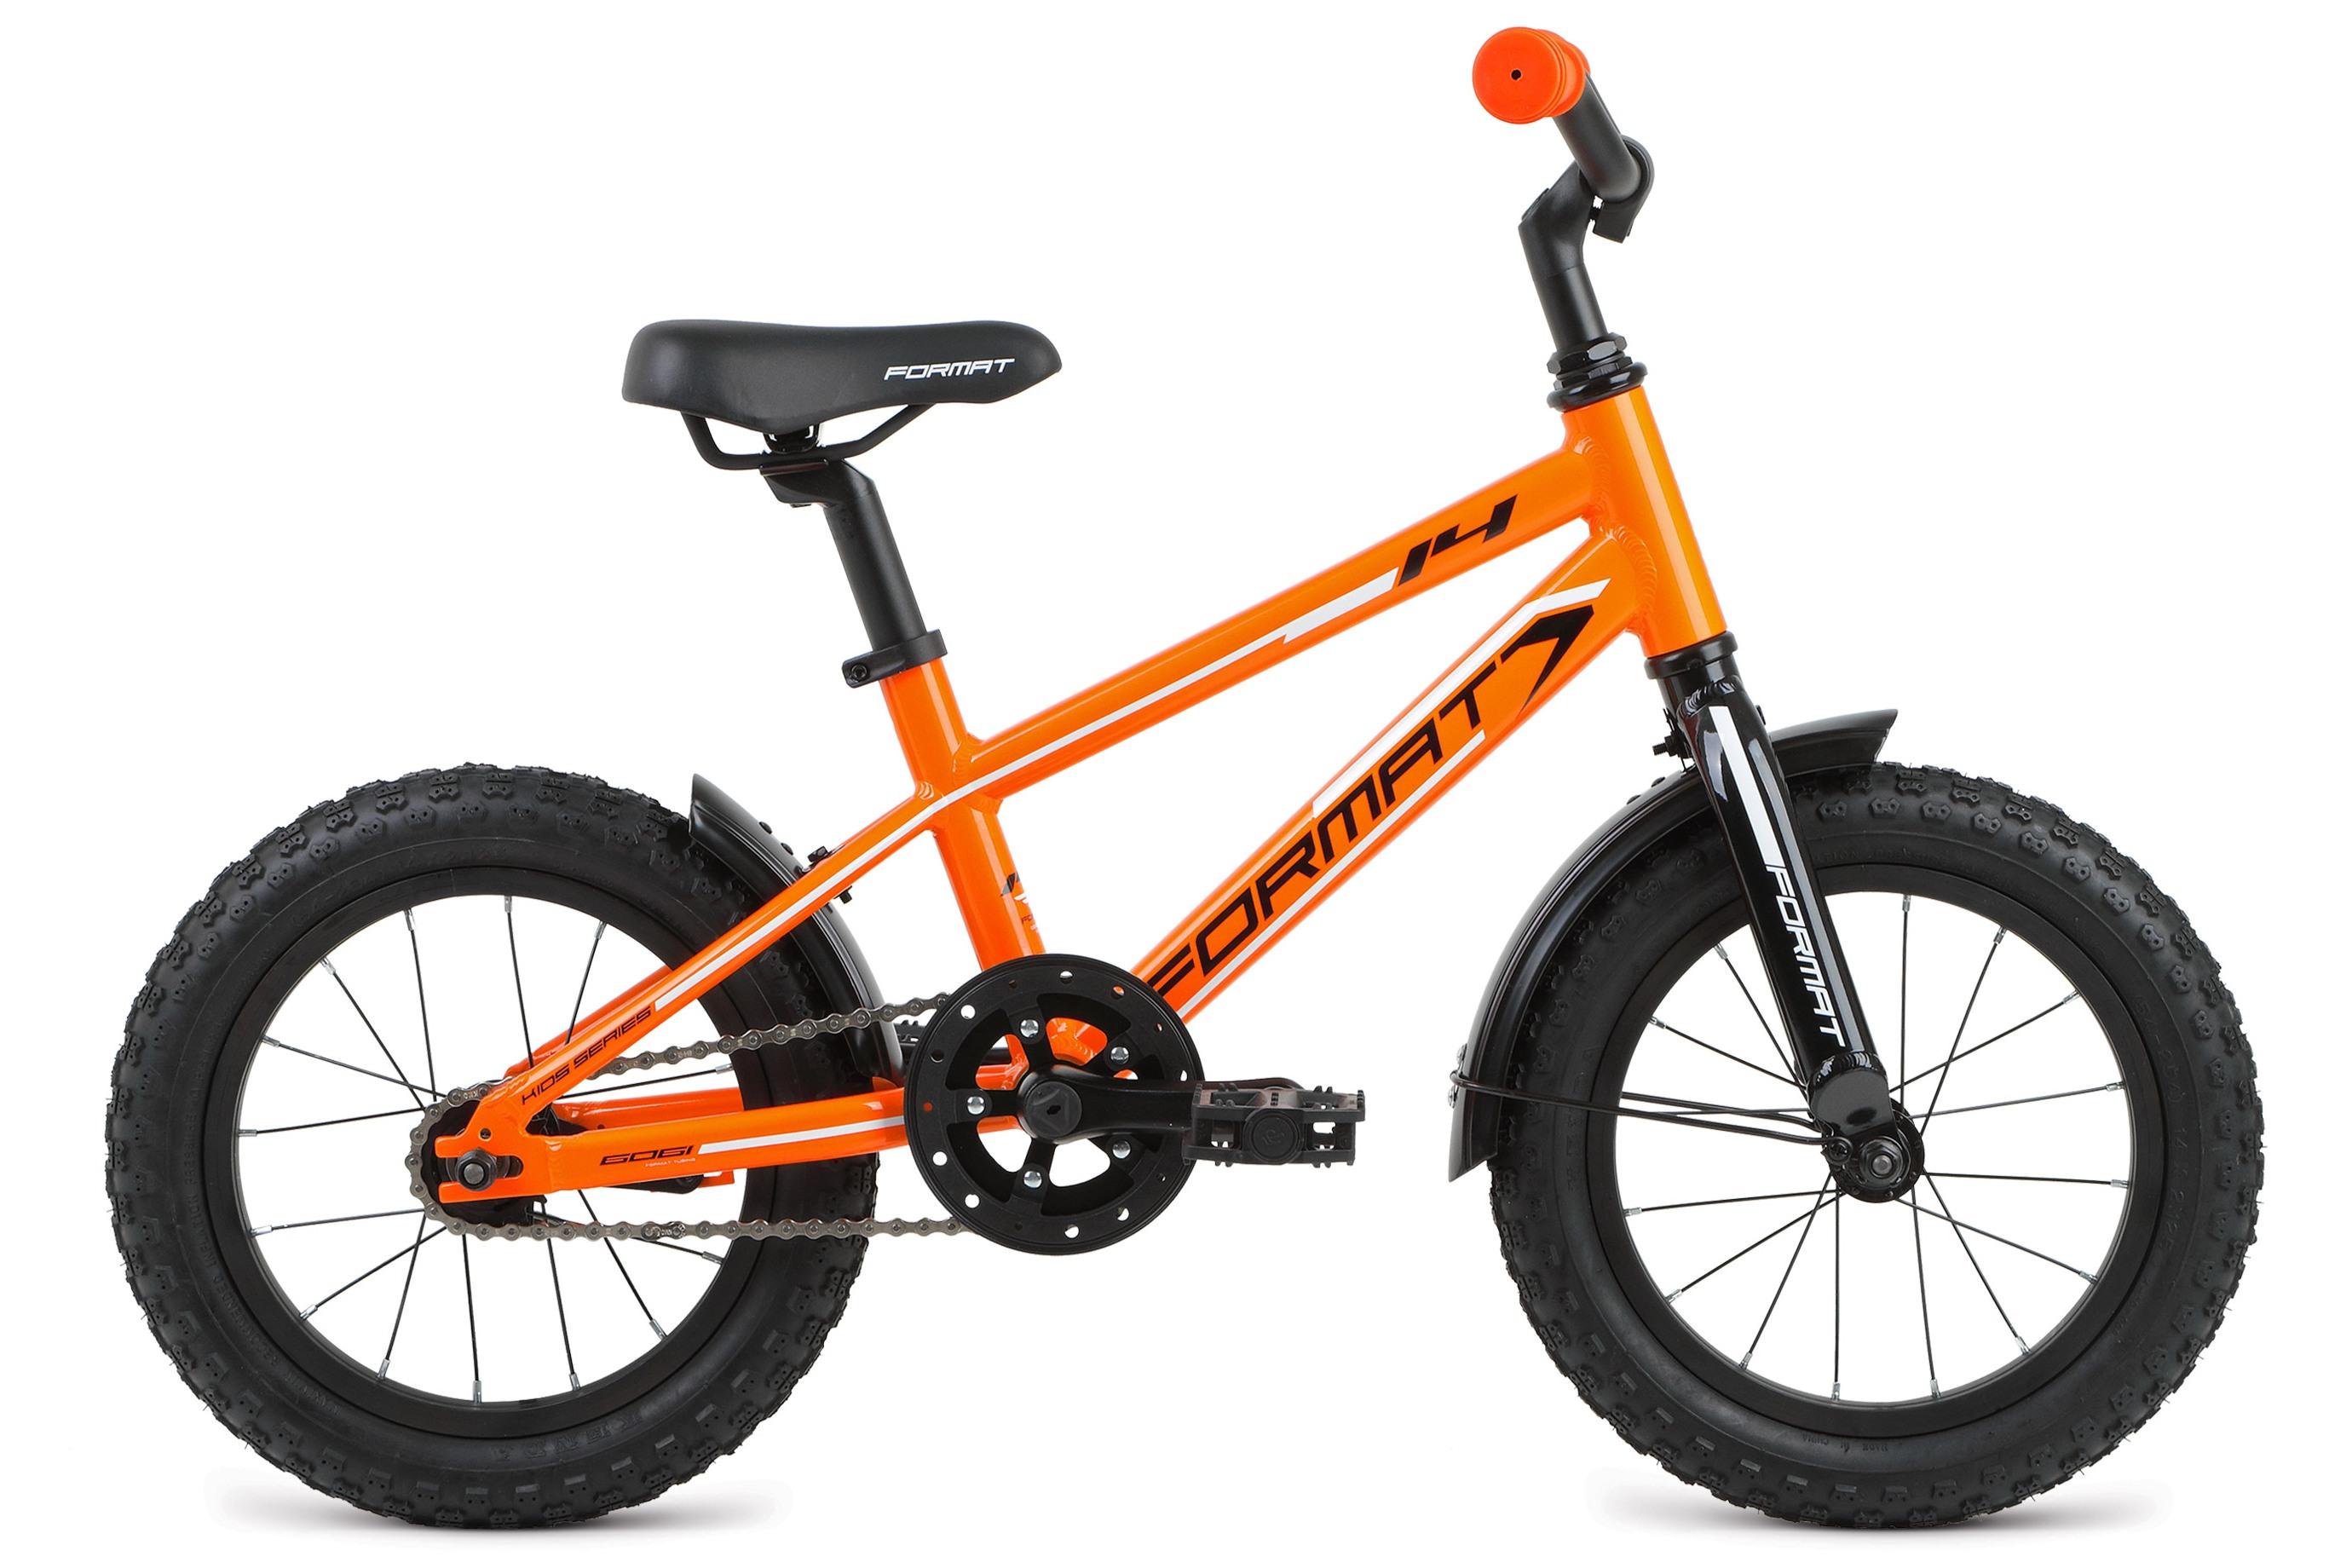 Велосипед Format Boy 14 (2017) оранжевый 8ОТ 1 ДО 3 ЛЕТ (12-14 ДЮЙМОВ)<br><br><br>бренд: FORMAT<br>год: 2017<br>рама: Алюминий (Alloy)<br>вилка: Жесткая (алюминий)<br>блокировка амортизатора: Нет<br>диаметр колес: 14<br>тормоза: Ножной ( Coaster brake)<br>уровень оборудования: Начальный<br>количество скоростей: 1<br>Цвет: оранжевый<br>Размер: 8